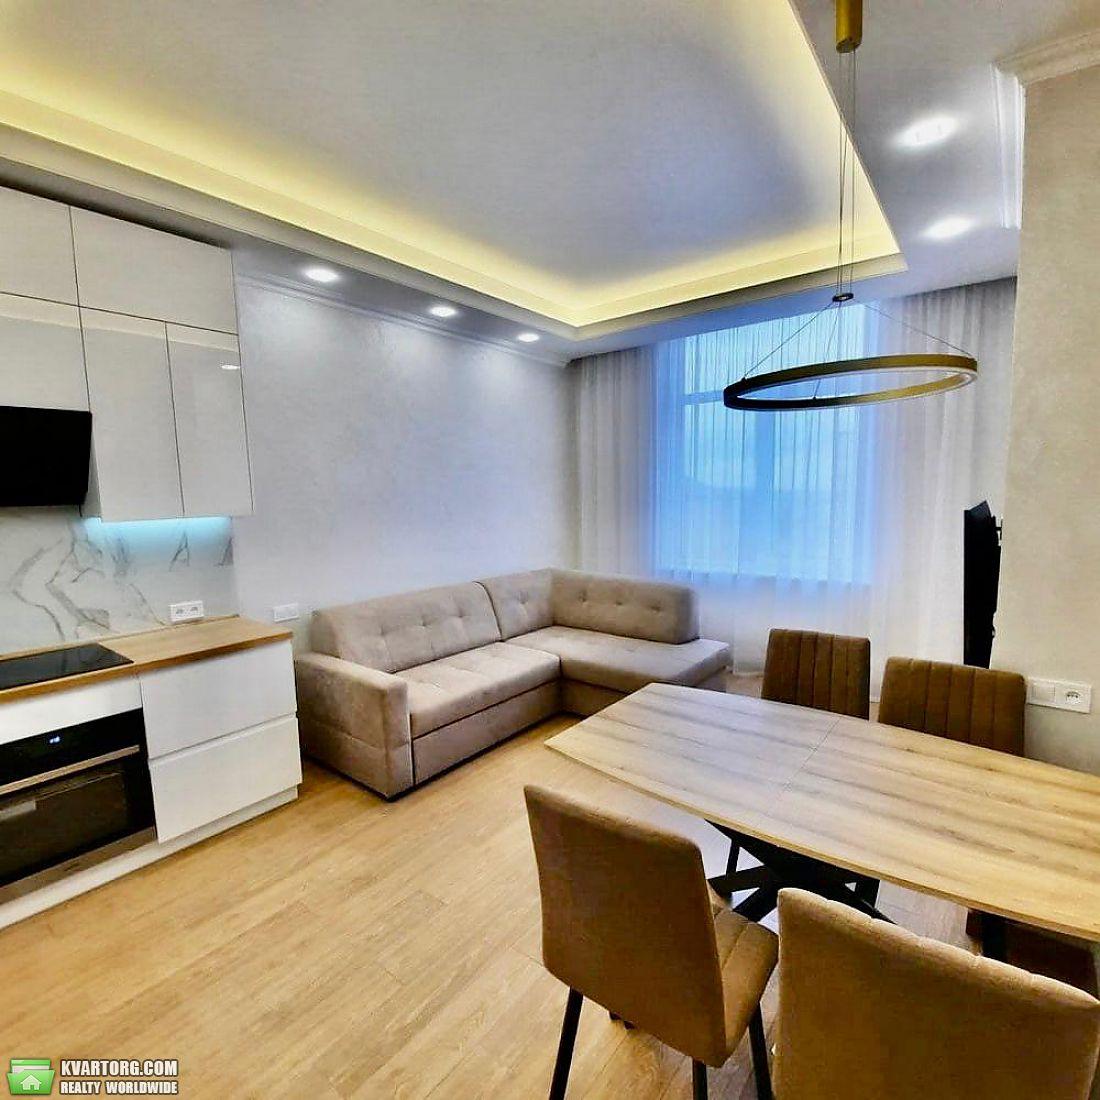 продам 4-комнатную квартиру Днепропетровск, ул.Сергея Подолинского 31 - Фото 2